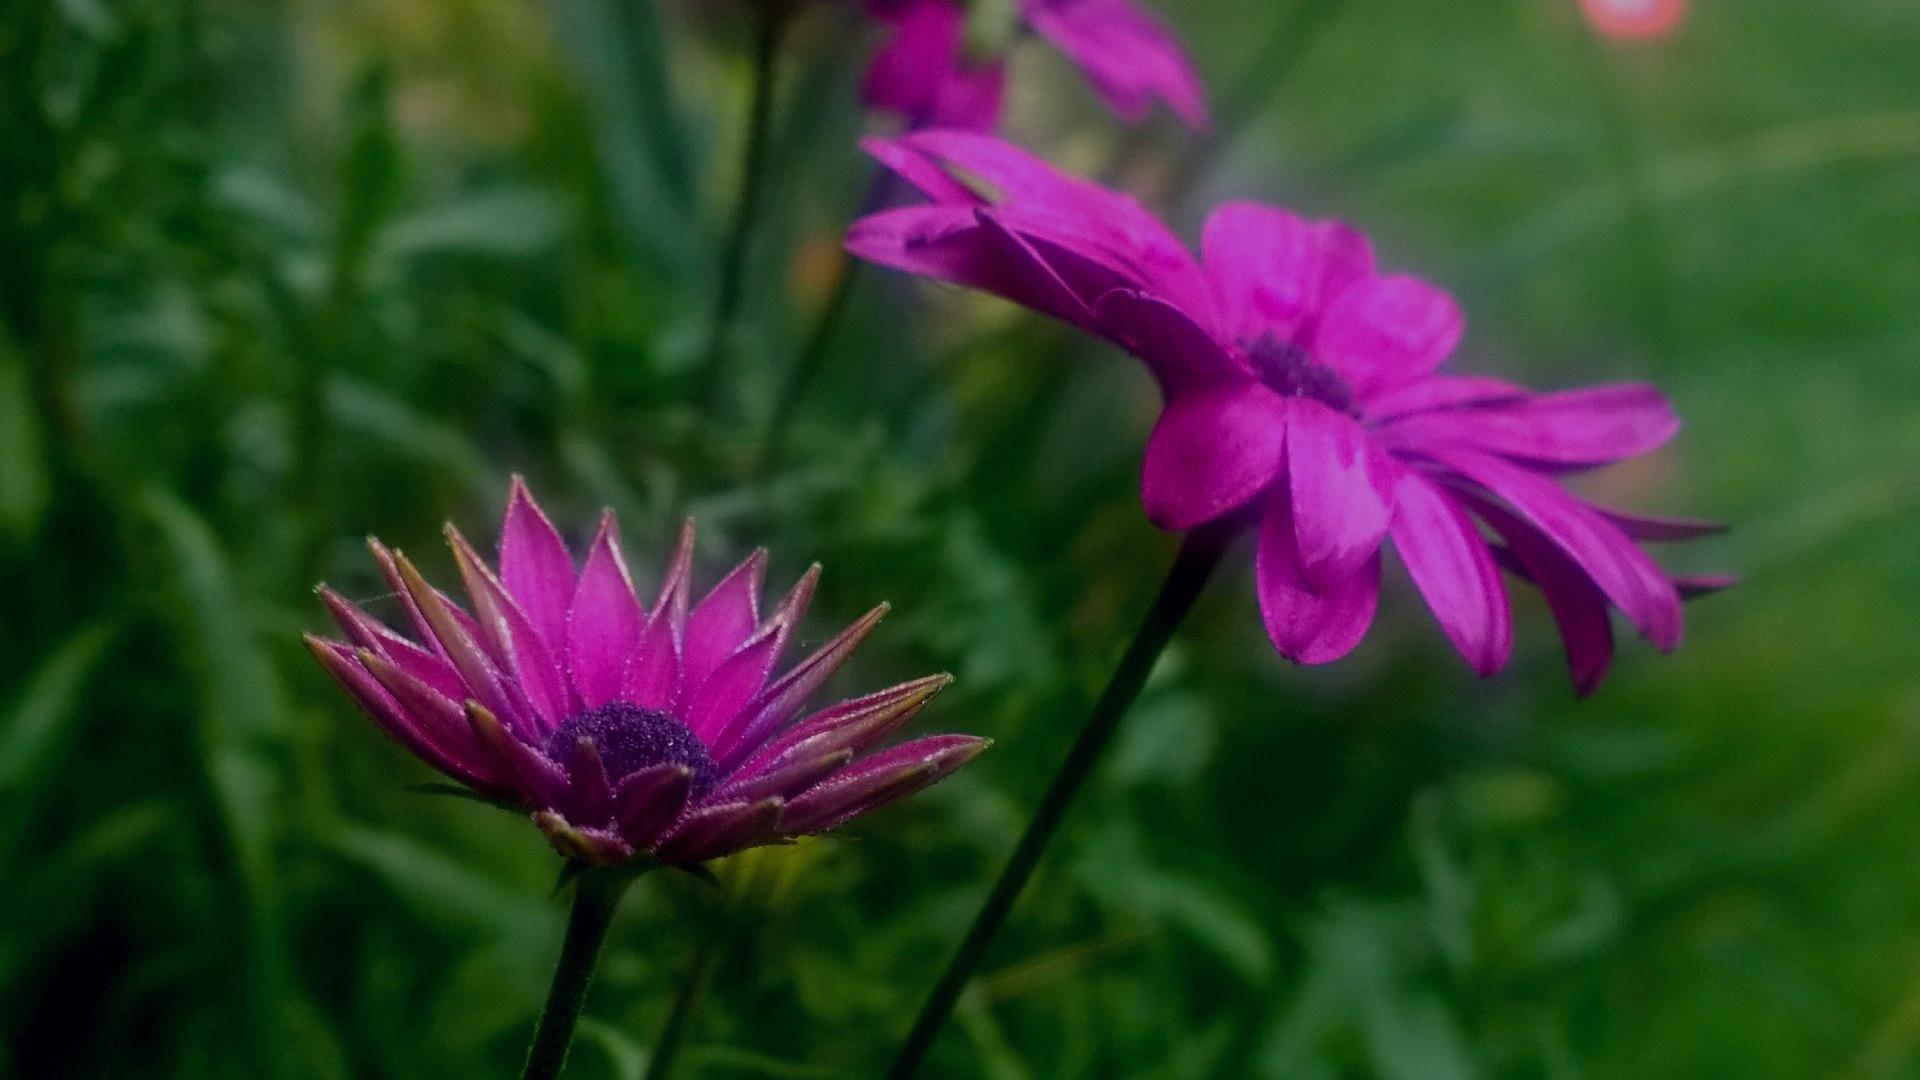 Flowers by gemma smith